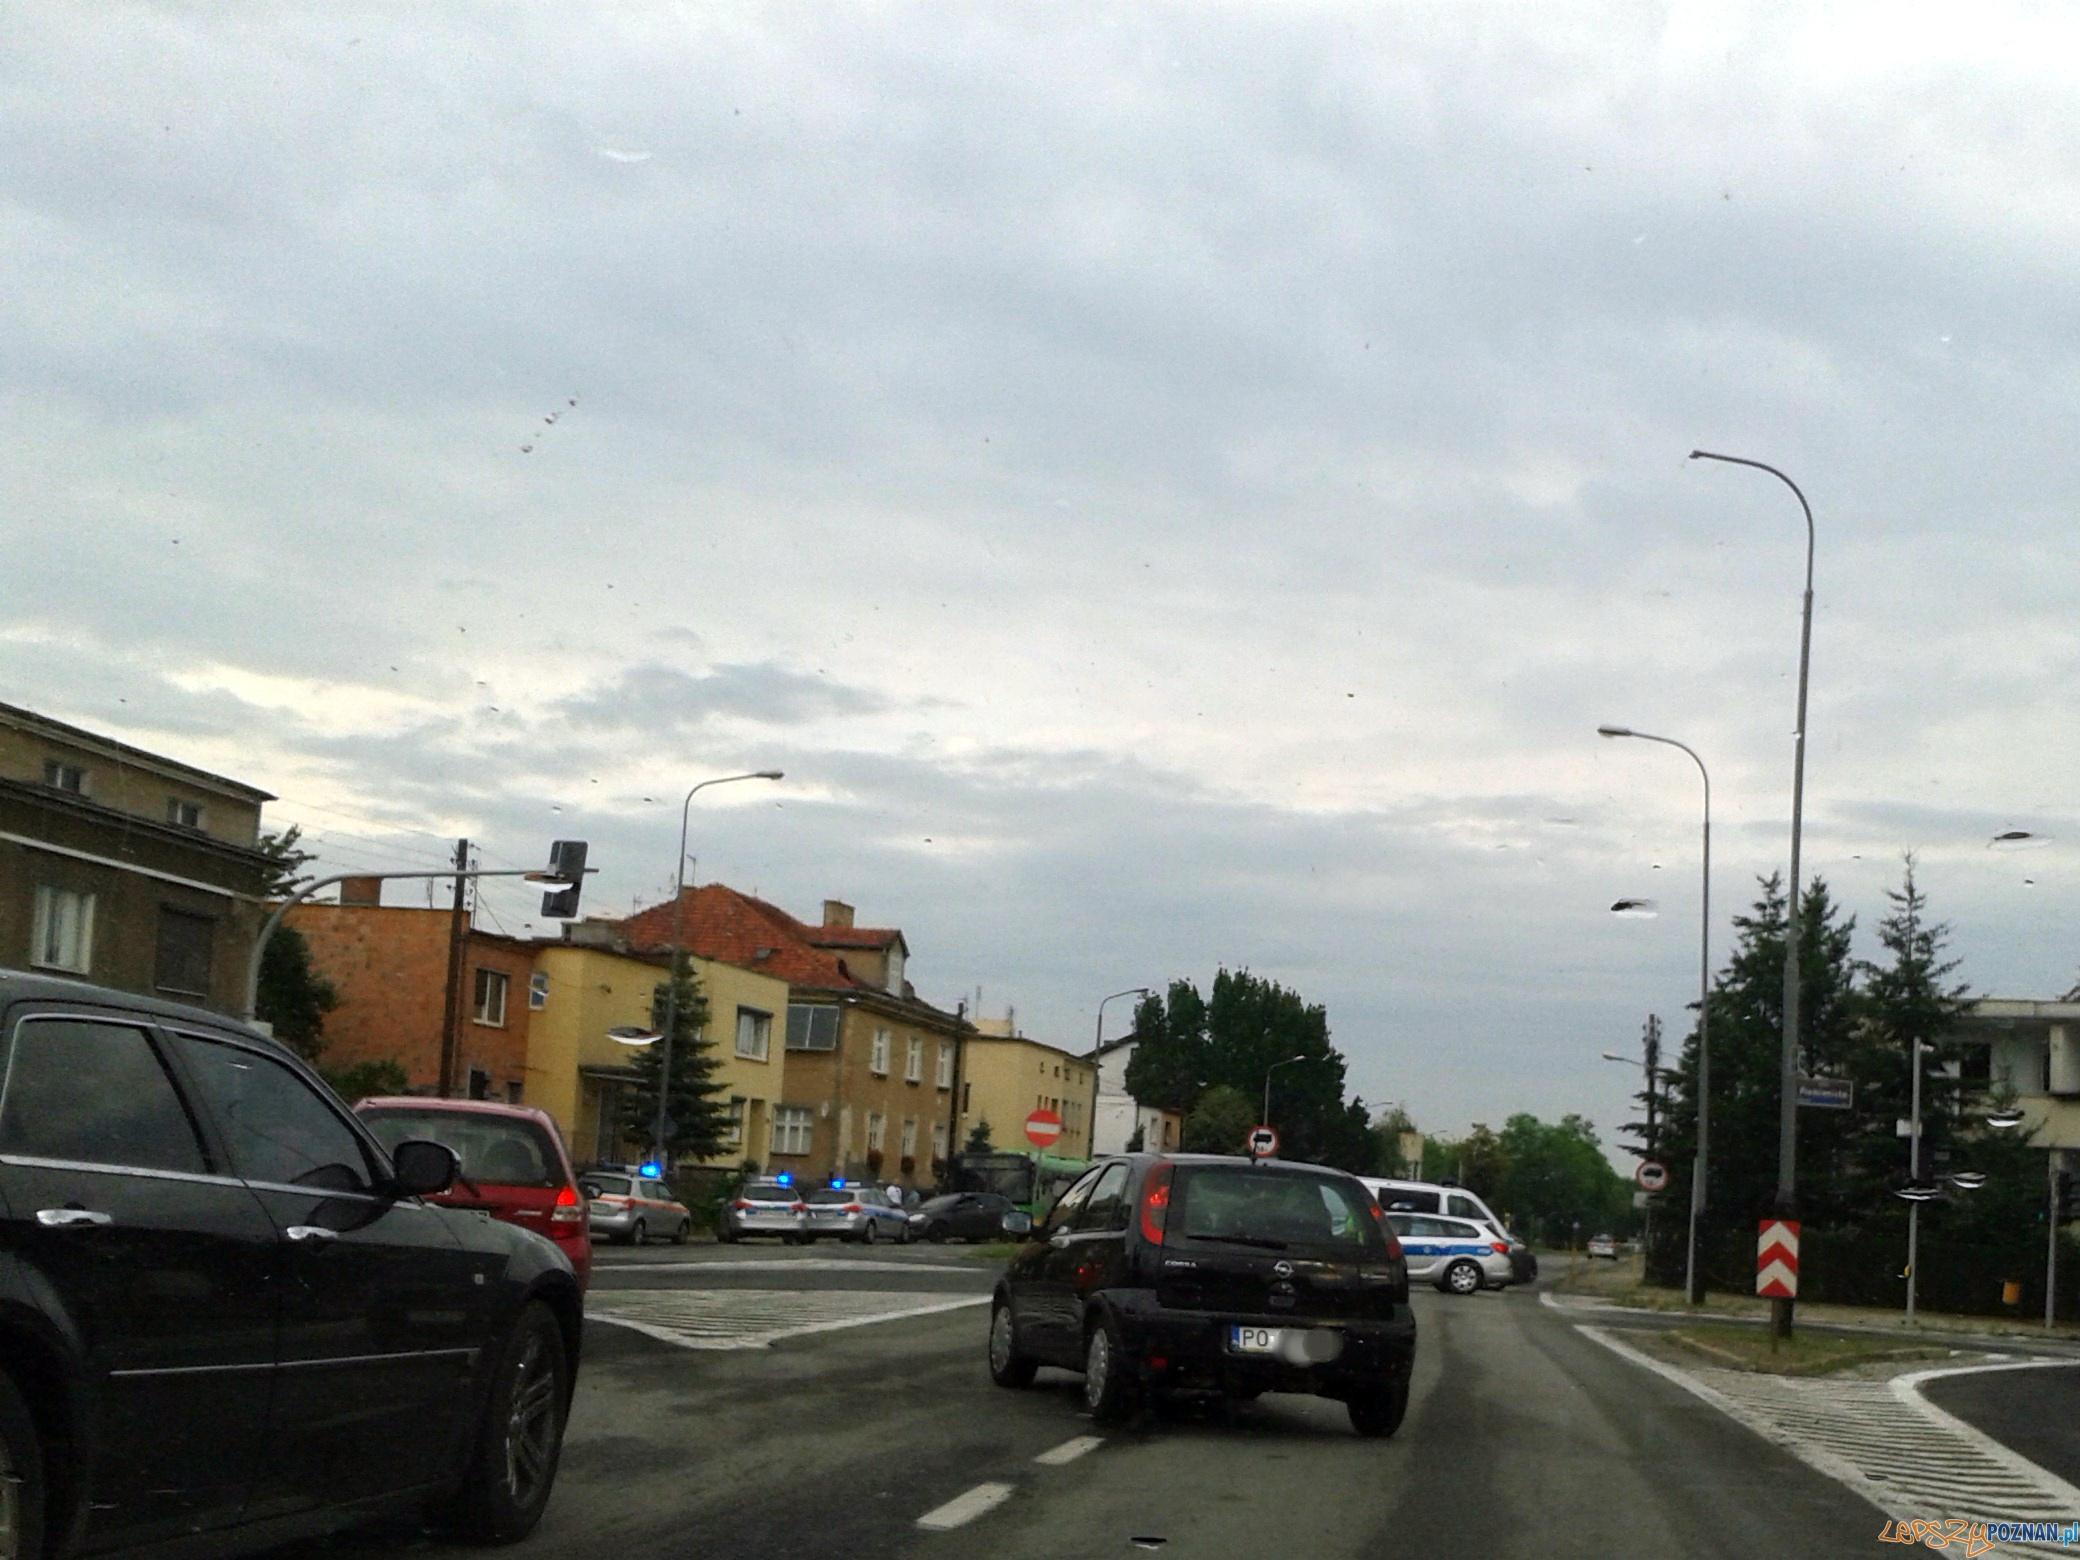 Nożownik w autobusie  Foto: lepszyPOZNAN.pl